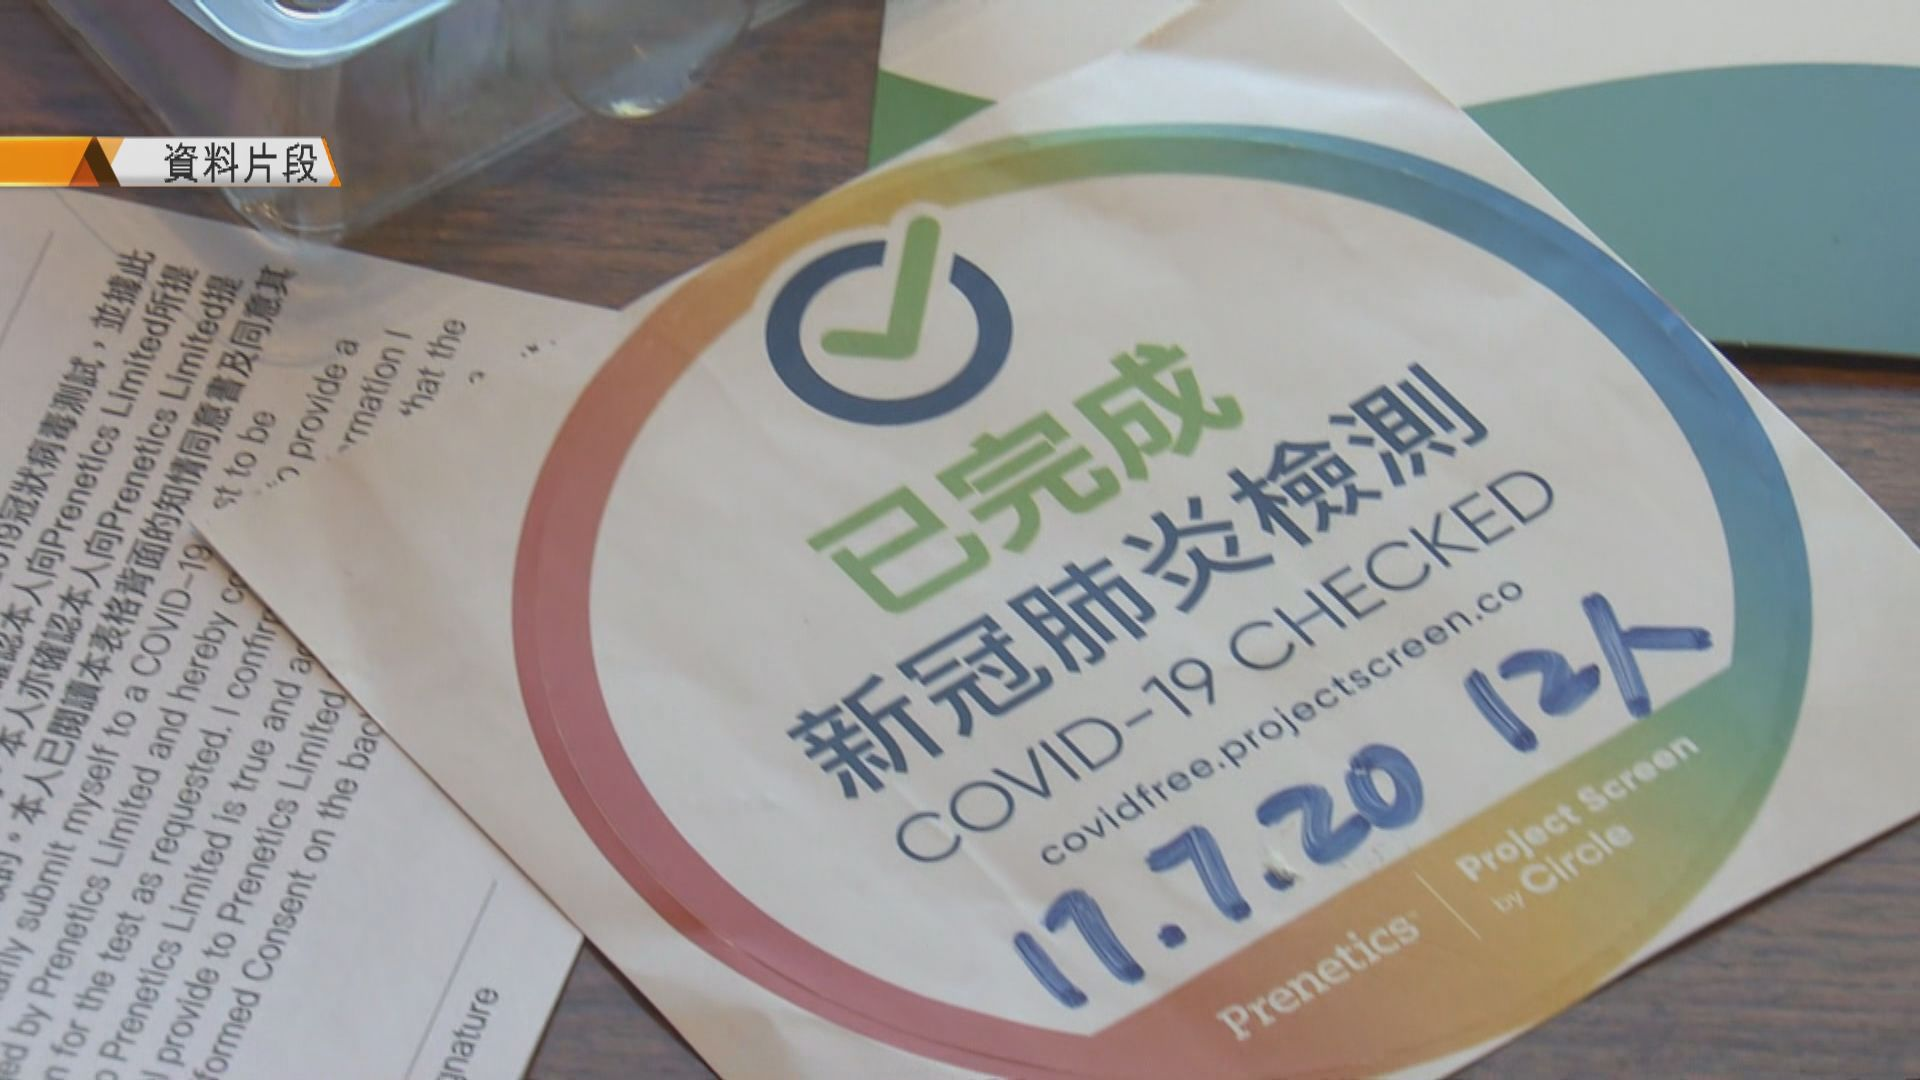 為食肆檢測承辦商將餐廳員工樣本錯配對至另一間餐廳